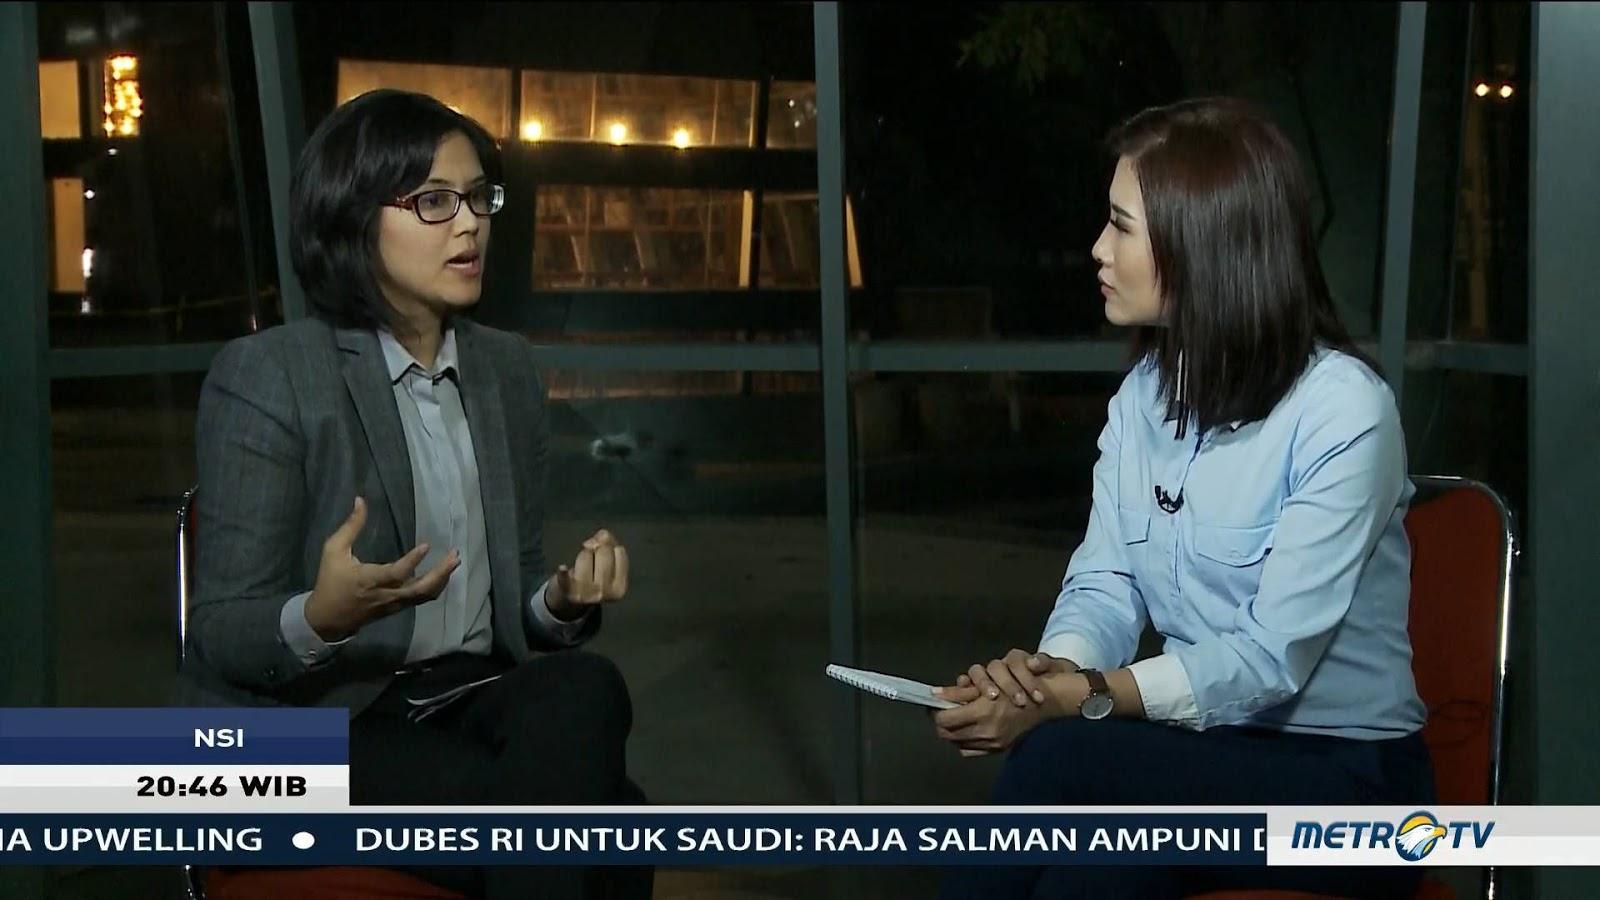 Frekuensi siaran Metro TV HD di satelit Palapa D Terbaru